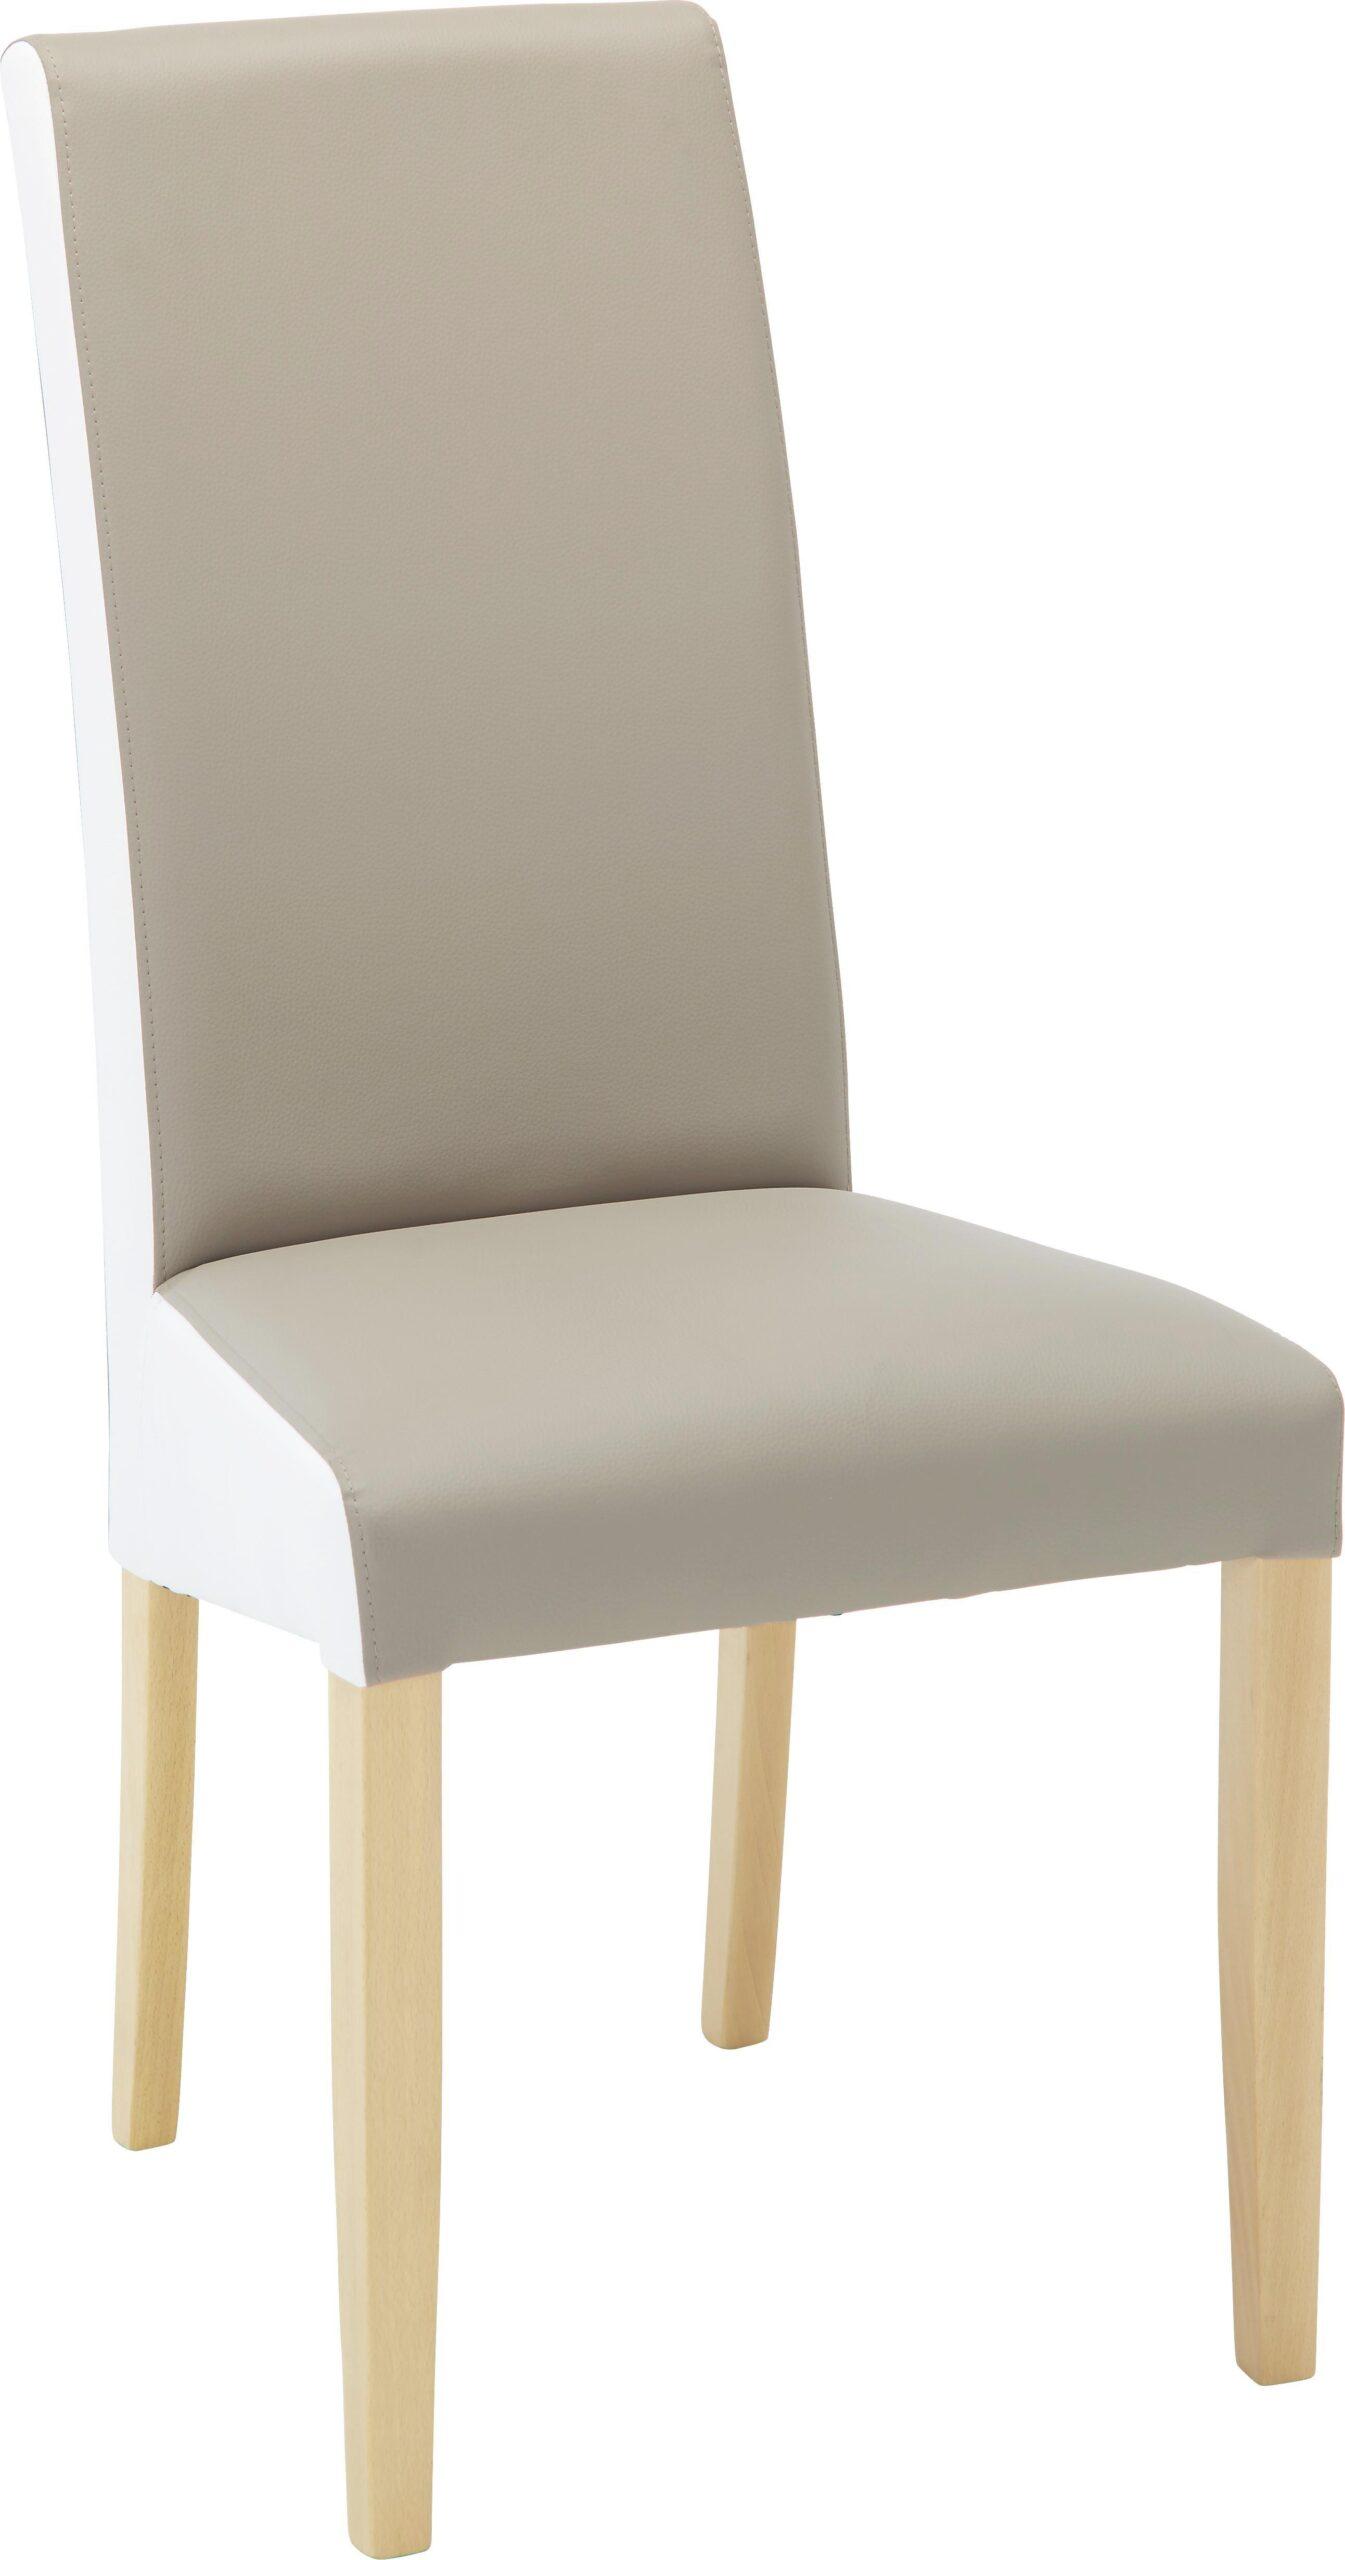 Full Size of Stuhl In Schlammfarben Online Kaufen Mmax Wohnzimmer Eckbankgruppe Mömax